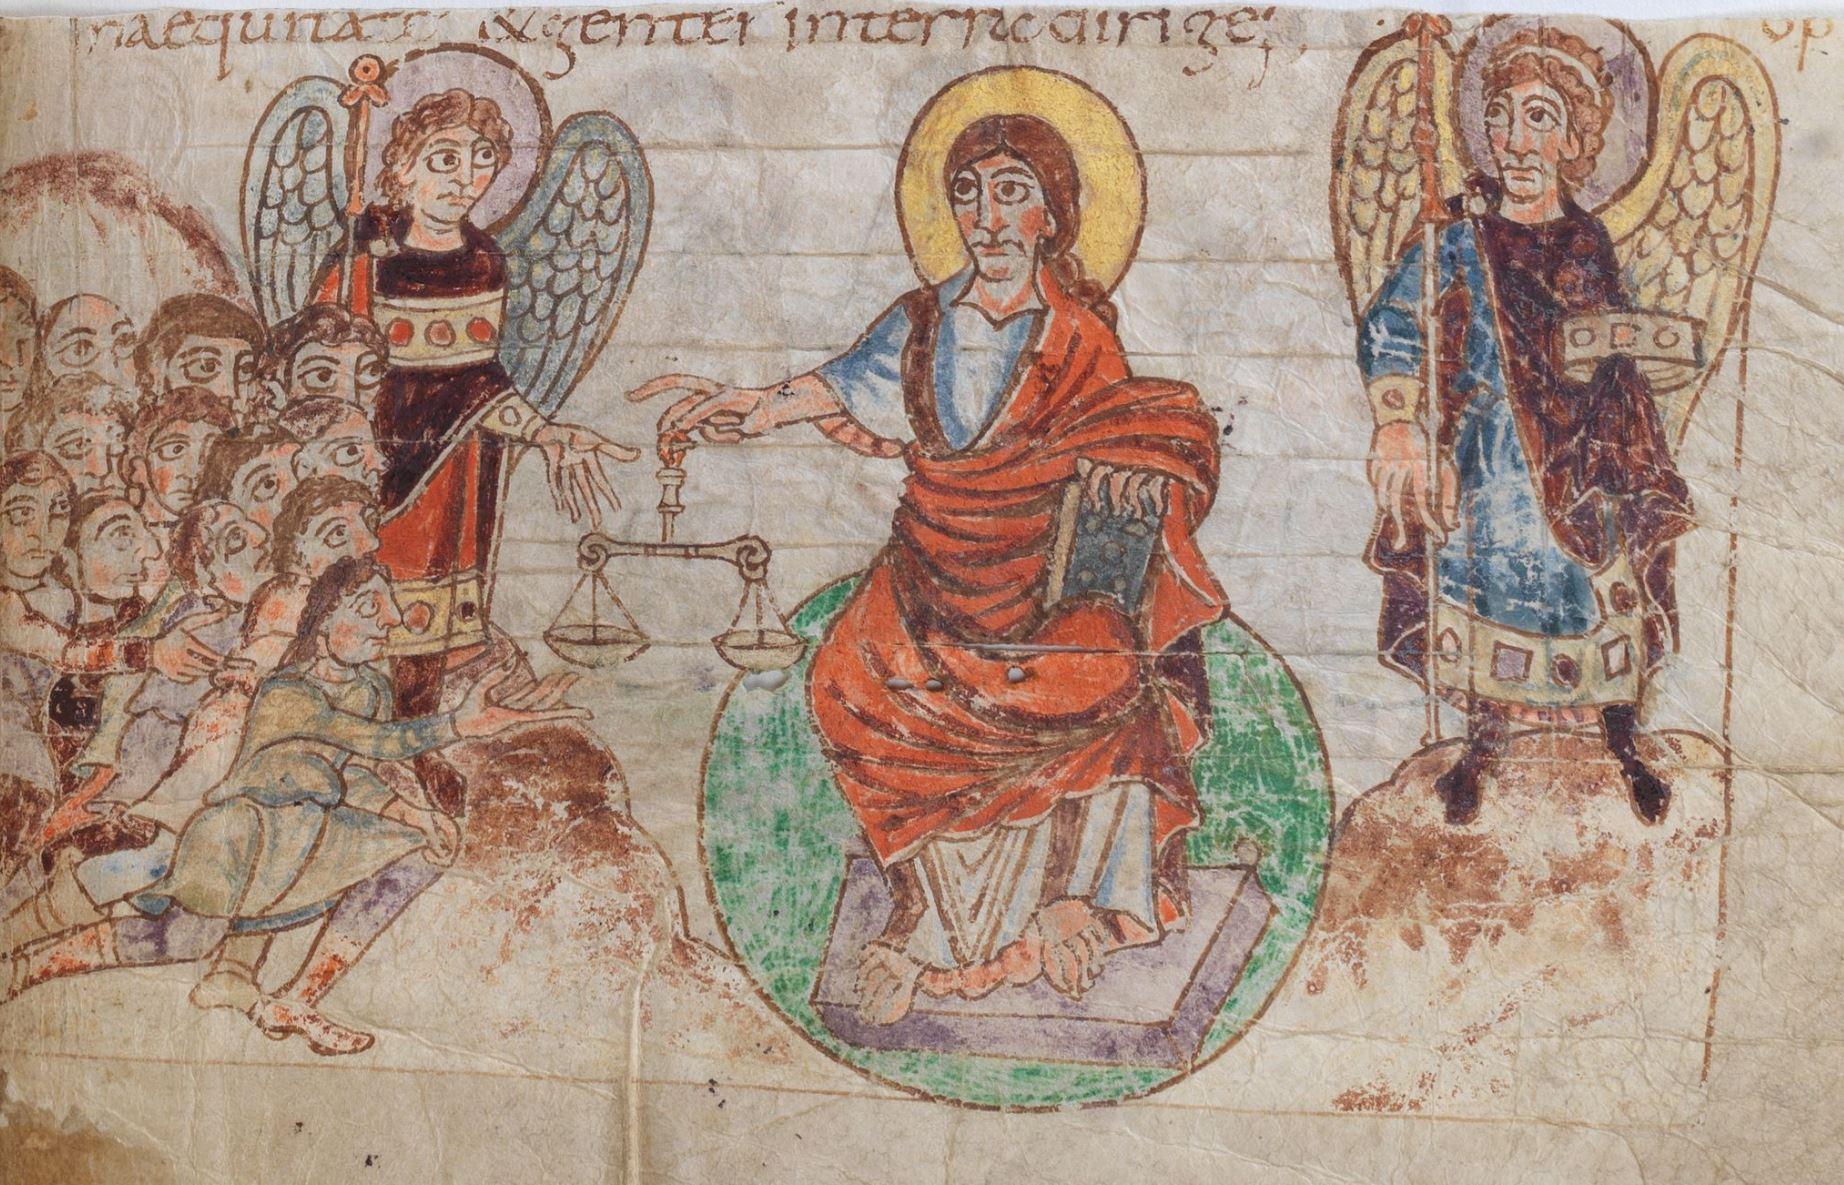 820 ca Psautier de Stuttgart Psaume 65,5 fol 76r Wurttembergische Landesbibliothek. Stuttgar